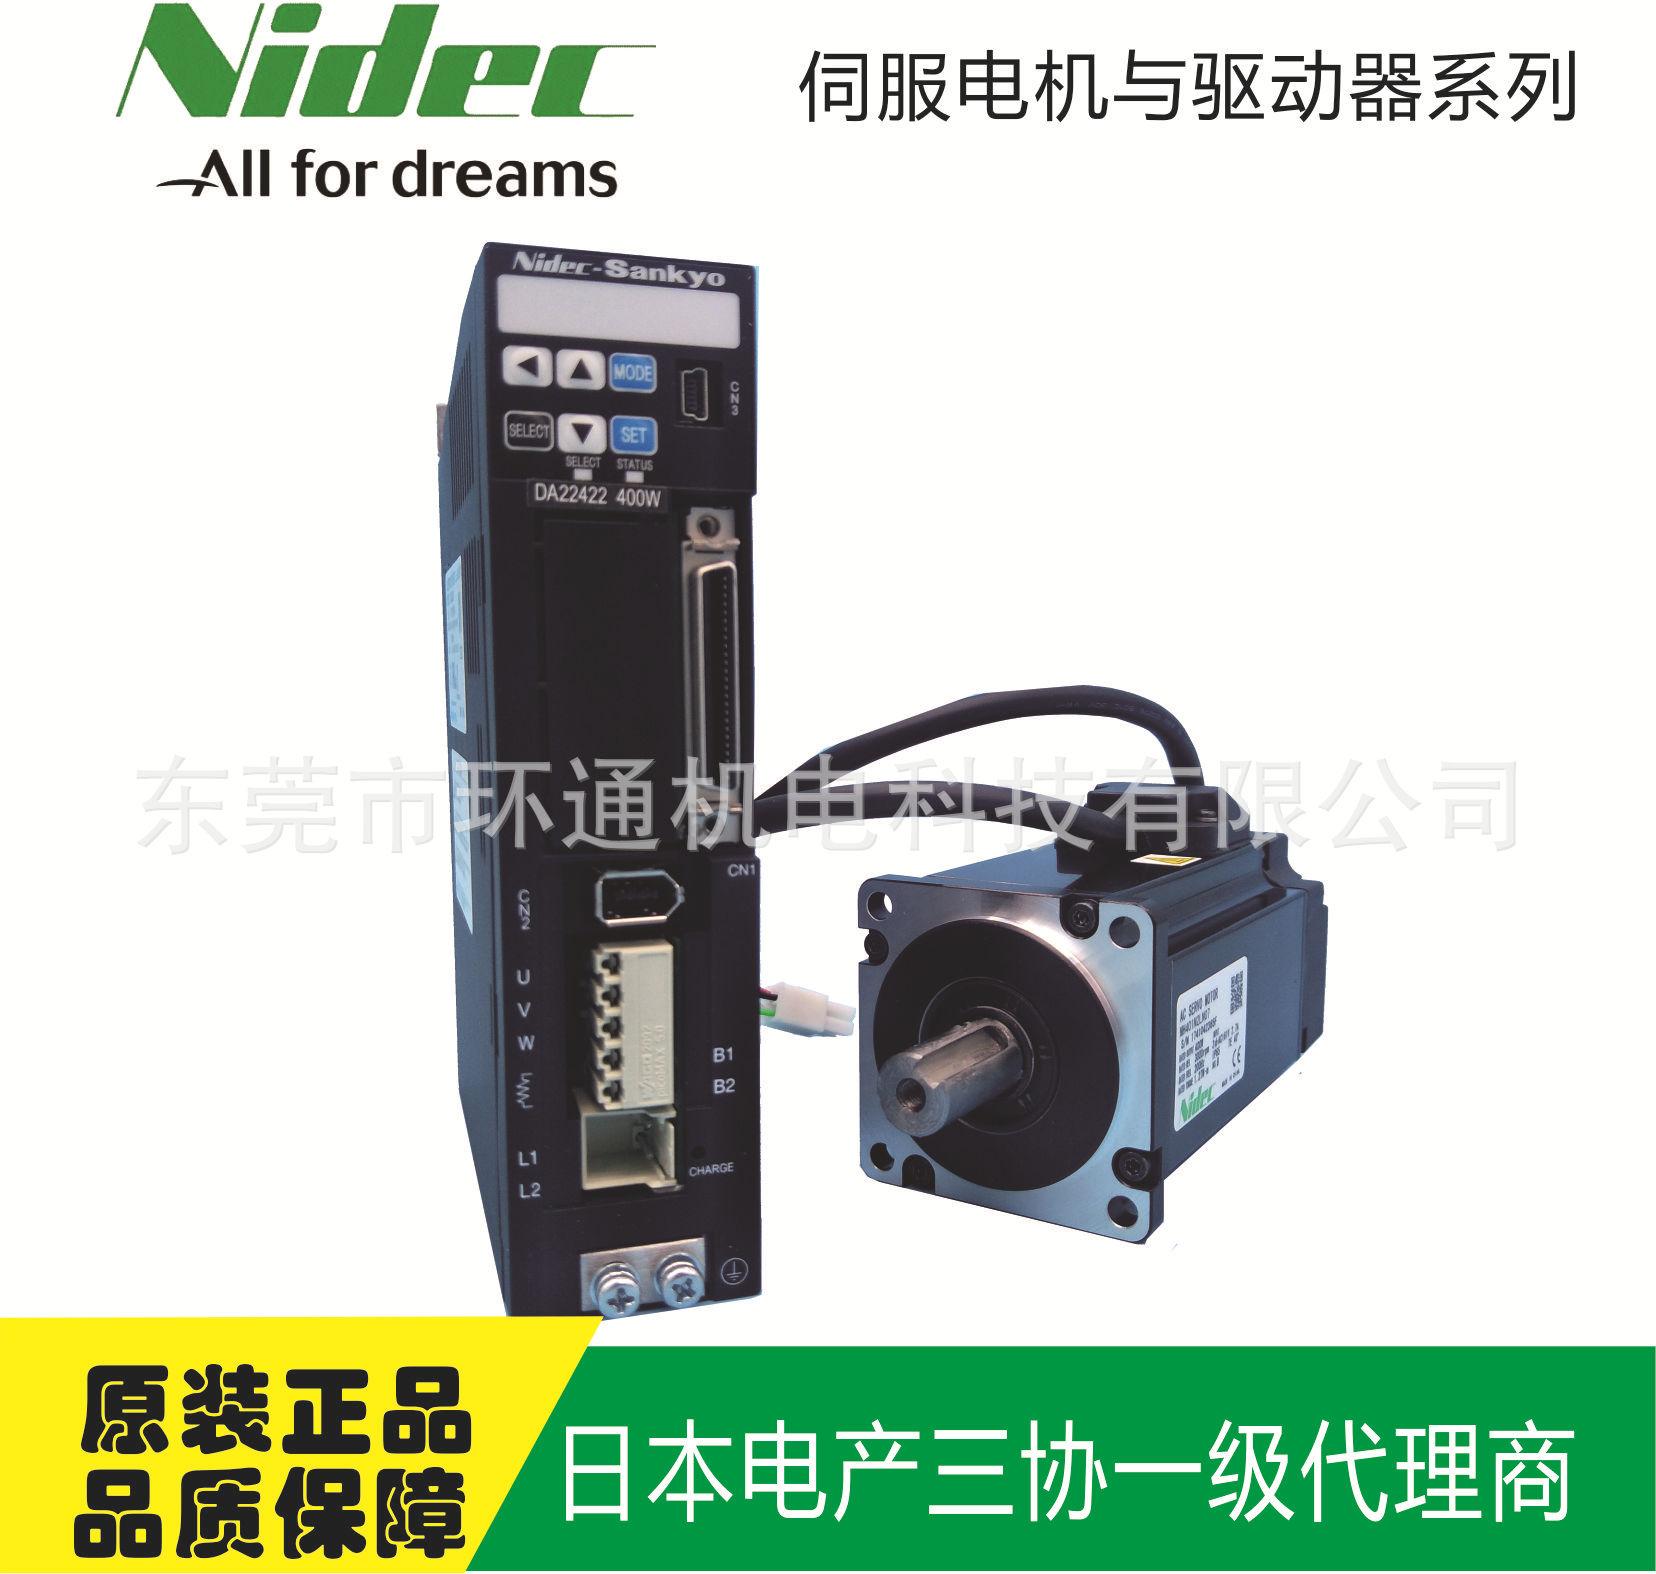 伺服驱动器现货 日本三协伺服电机 伺服电机驱动器 DA26B22 1.5KW